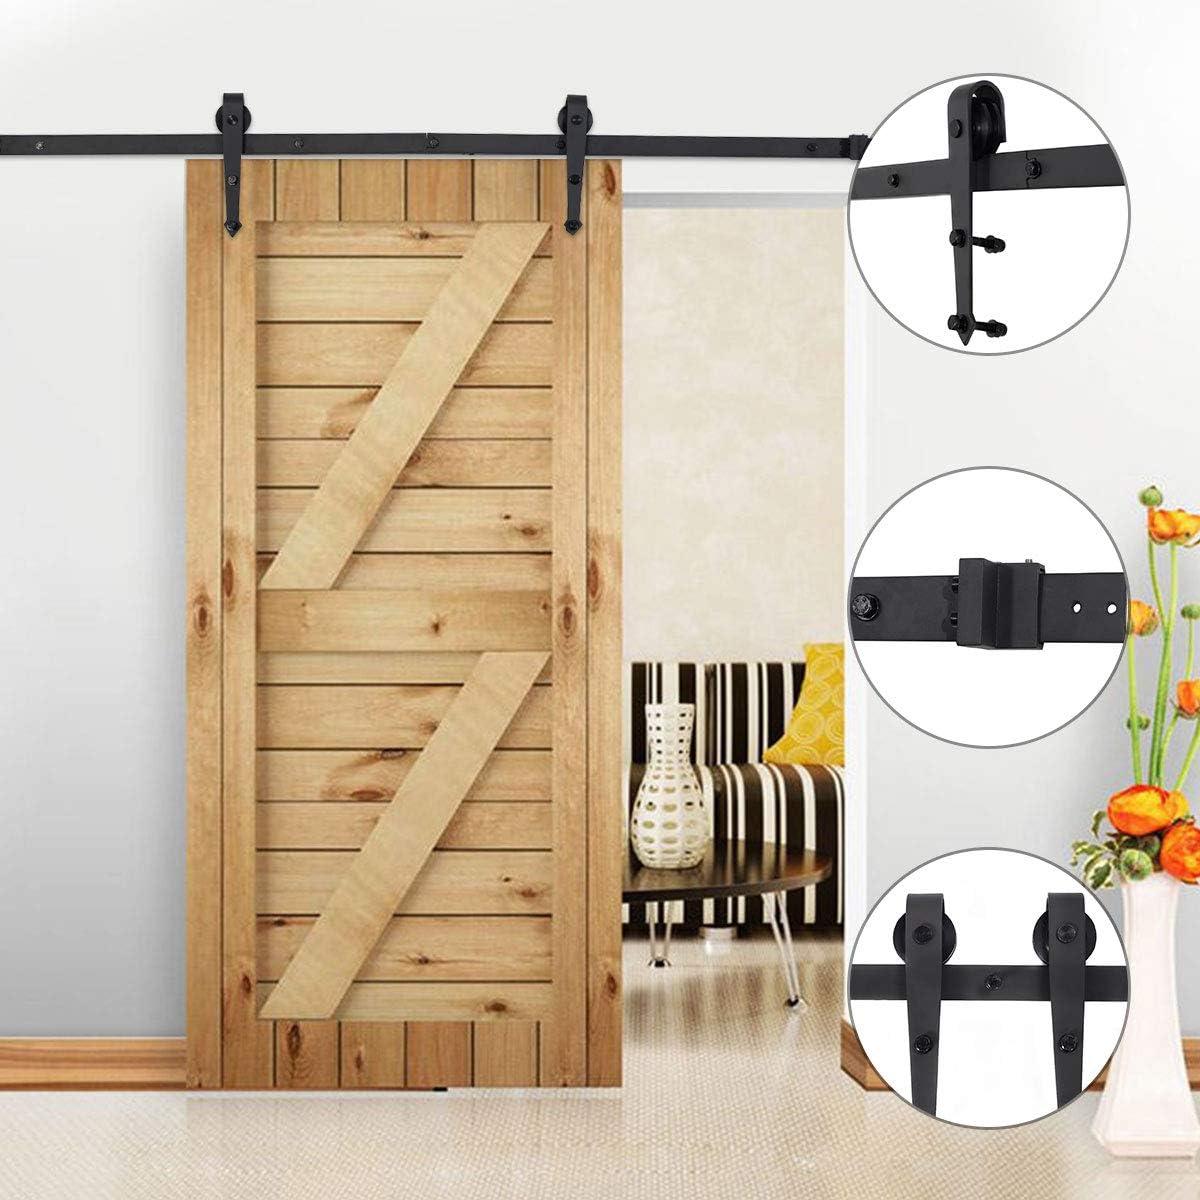 Set de herraje para puerta corredera, sistema para puertas correderas, puerta corredera de cristal, de acero inoxidable para puerta corredera de cristal o madera 1830 mm: Amazon.es: Bricolaje y herramientas